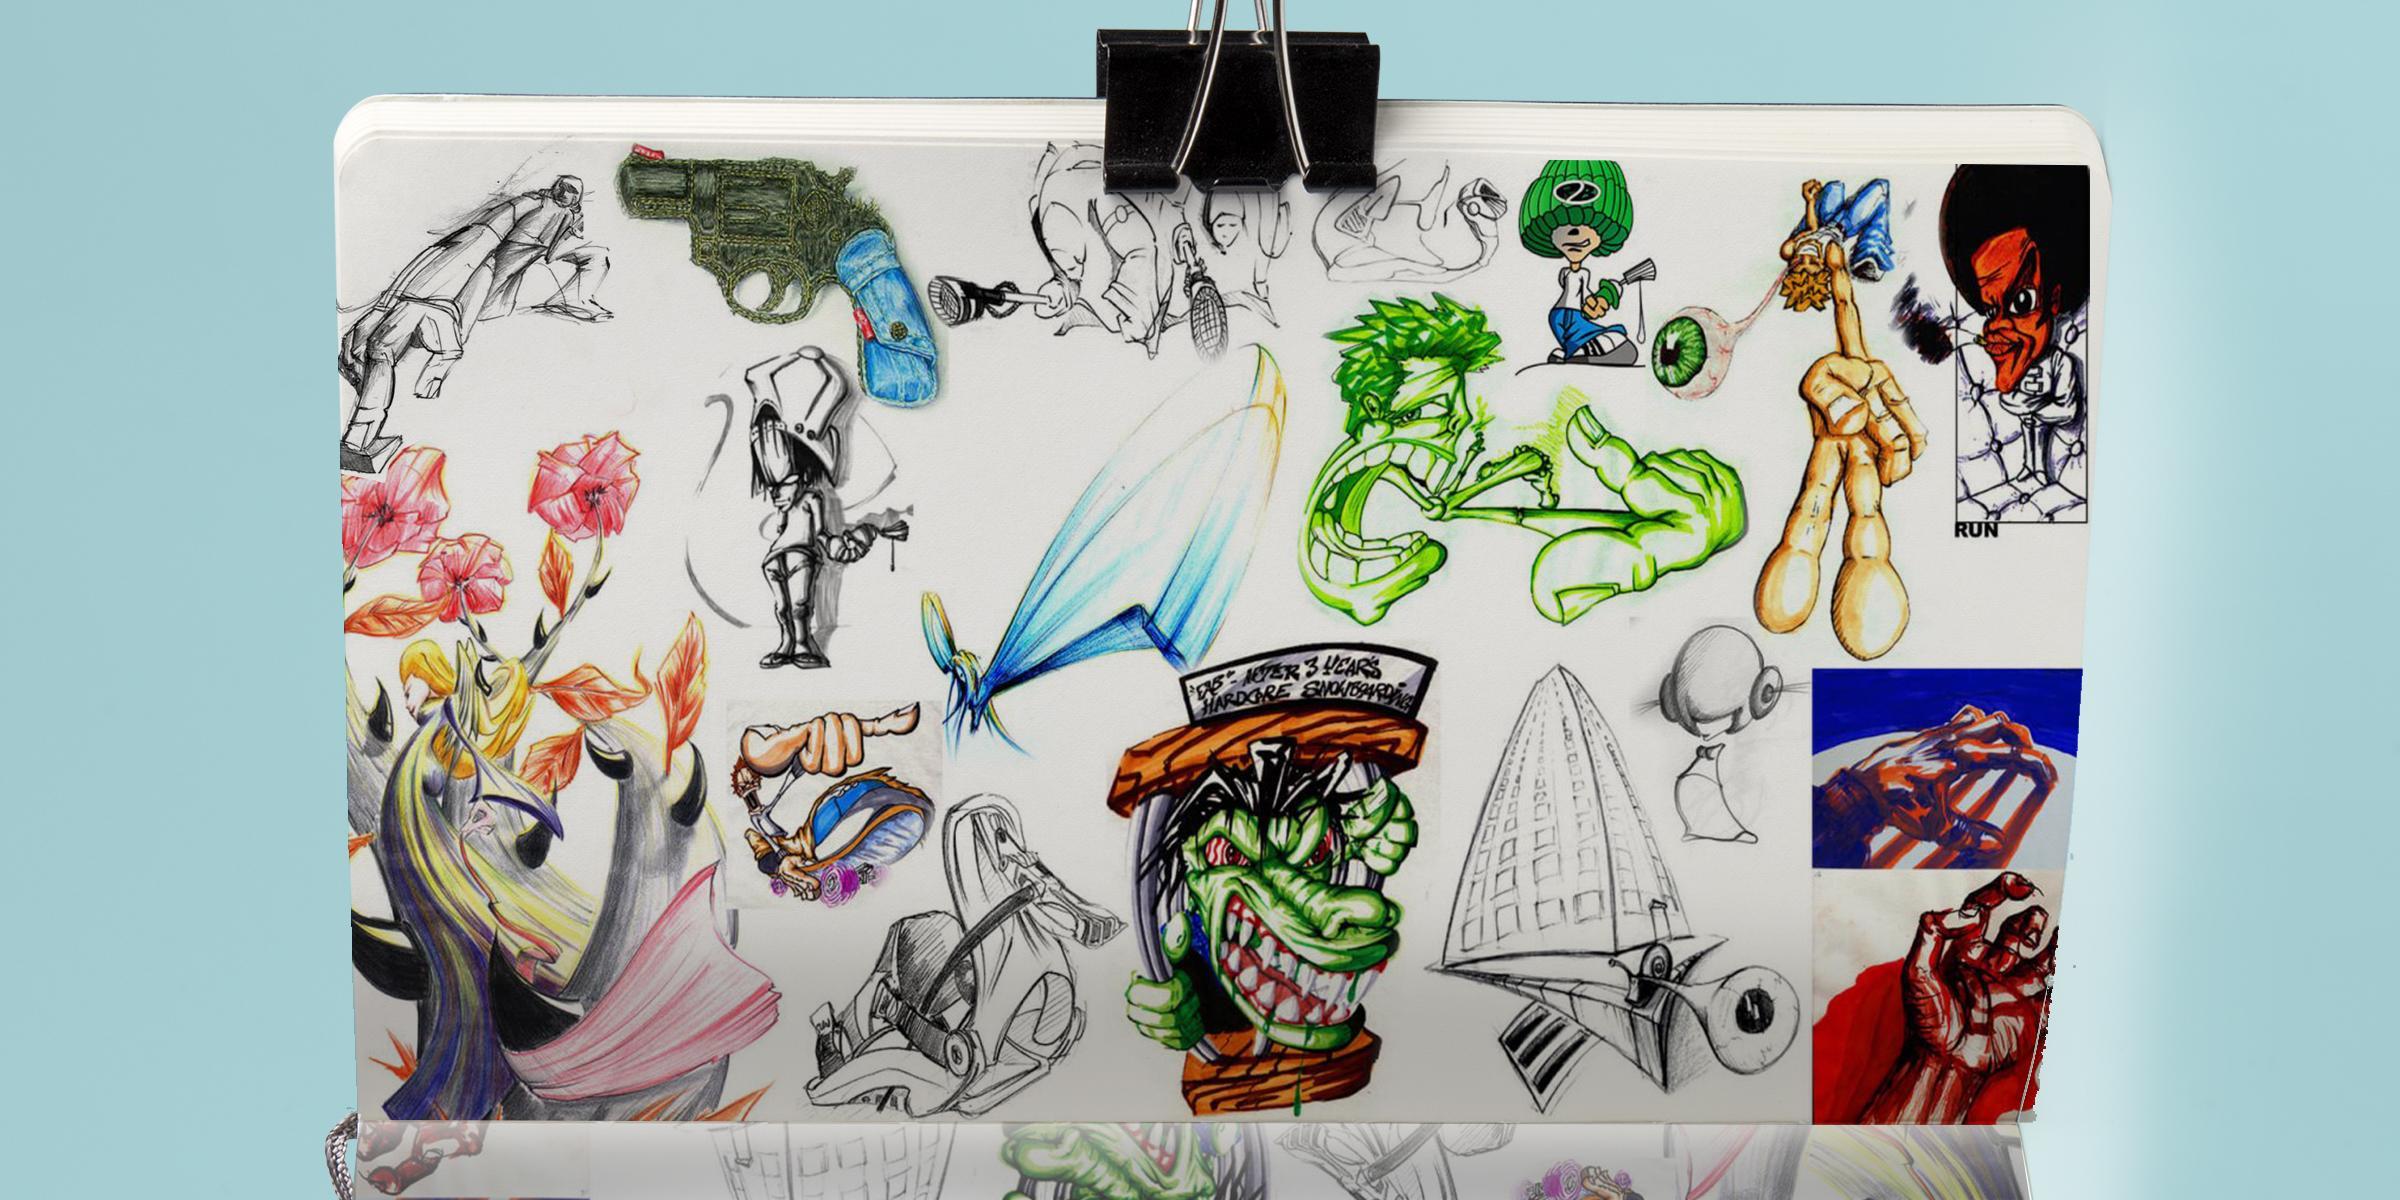 5 art artist street art illustrator gregor fenger art street acryl jakarta fair scribble graffiti